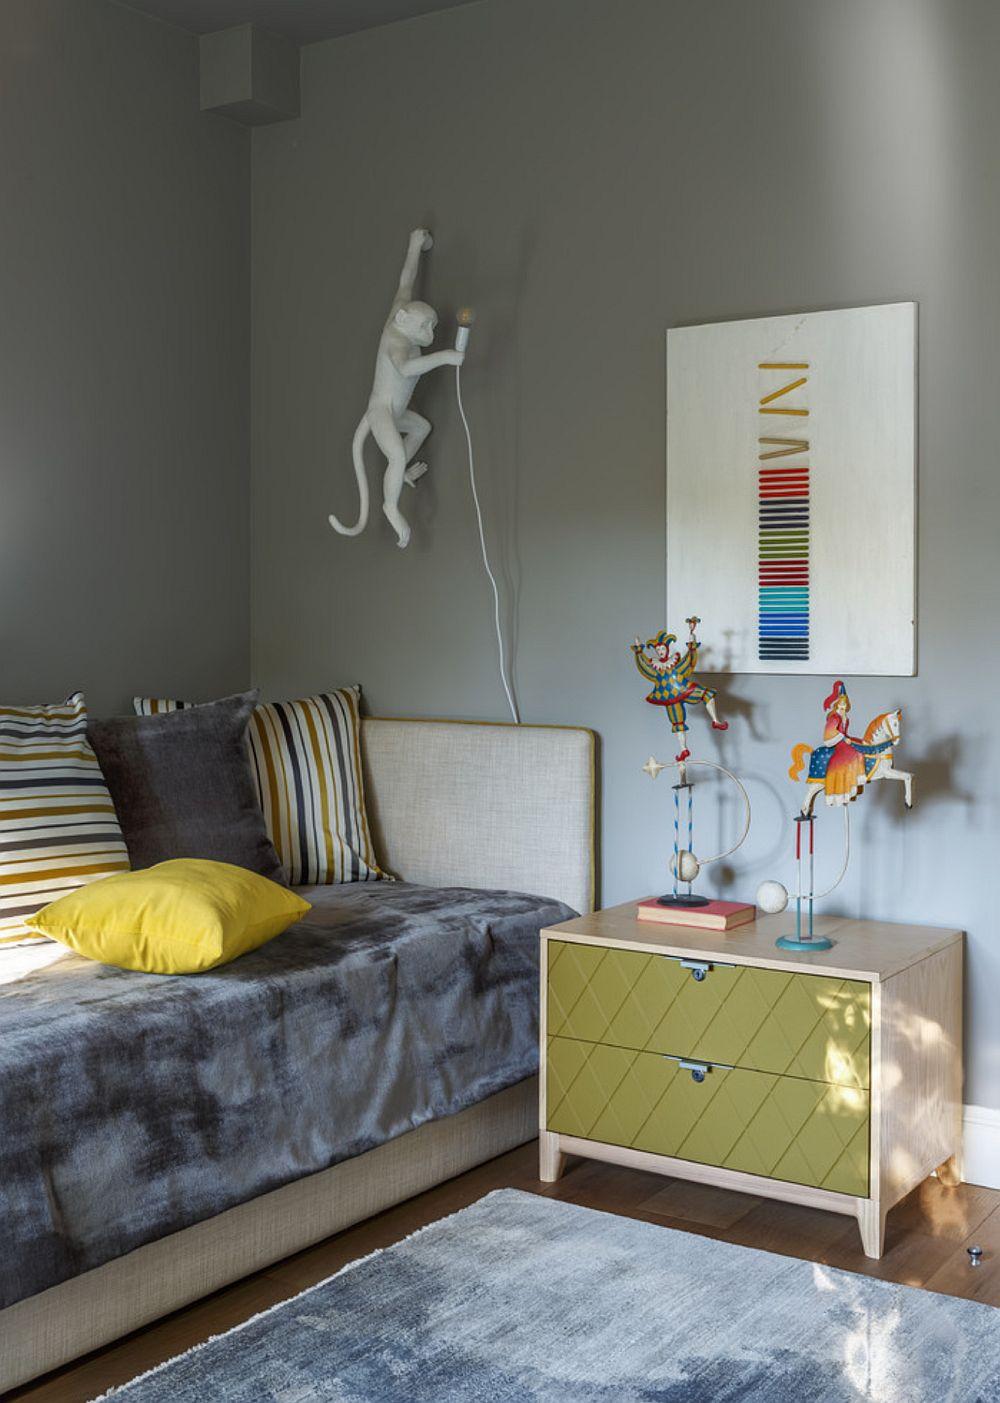 Noptierele sunt prezente în spațiul camerei copiilor, dar ele marchează practic simetria camerei, fiind de o parte și de alta a ușii interioare și lângă locurile de dormit.